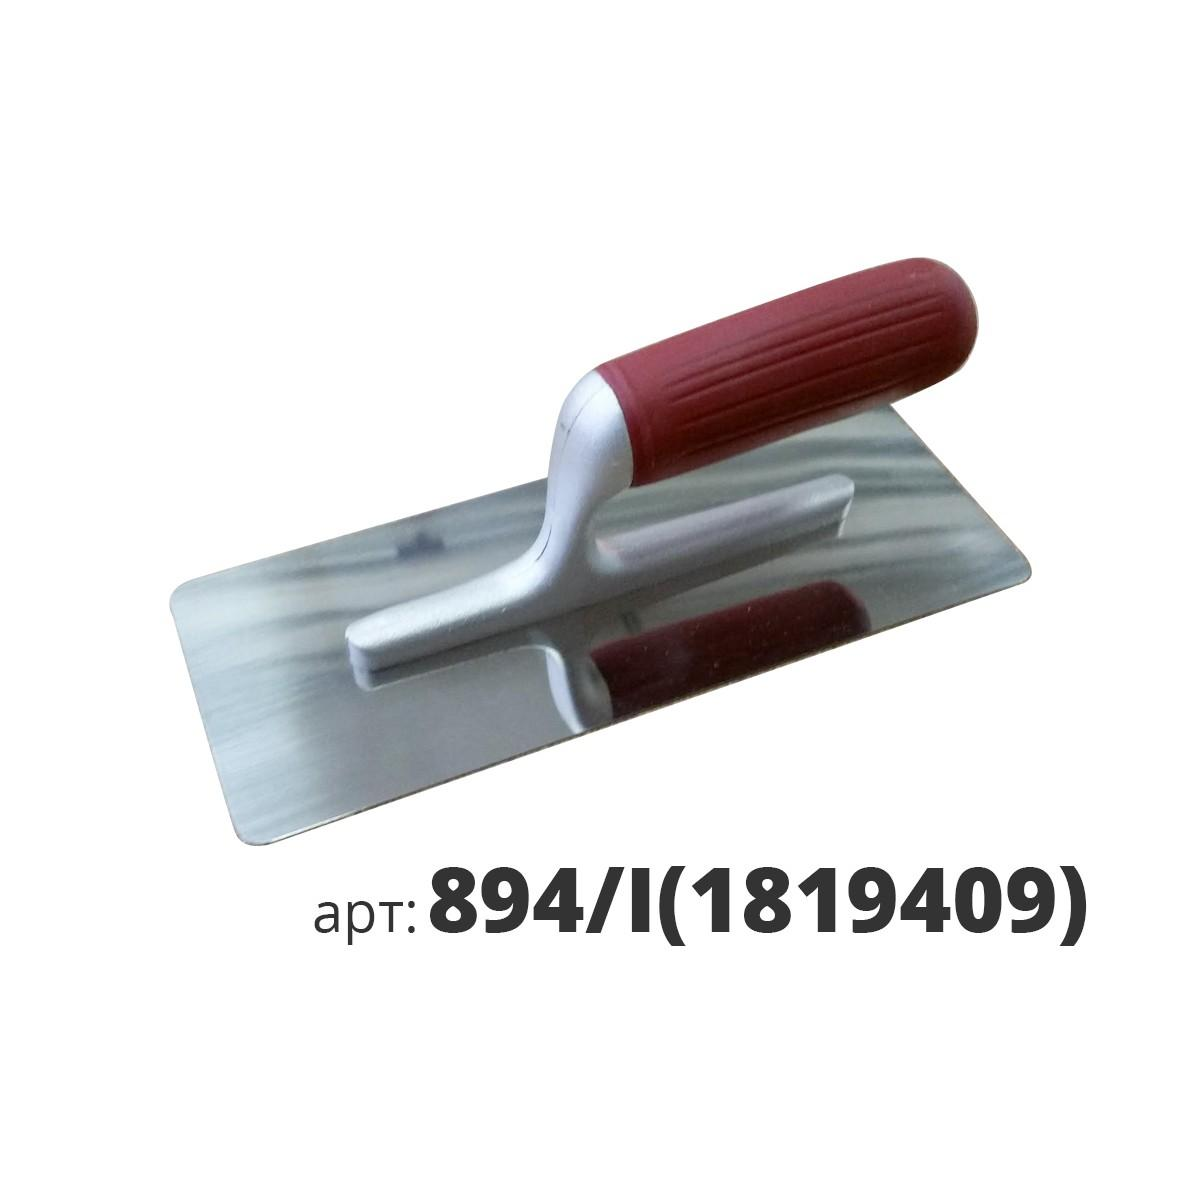 PAVAN кельма венецианская 894/I(1819409)